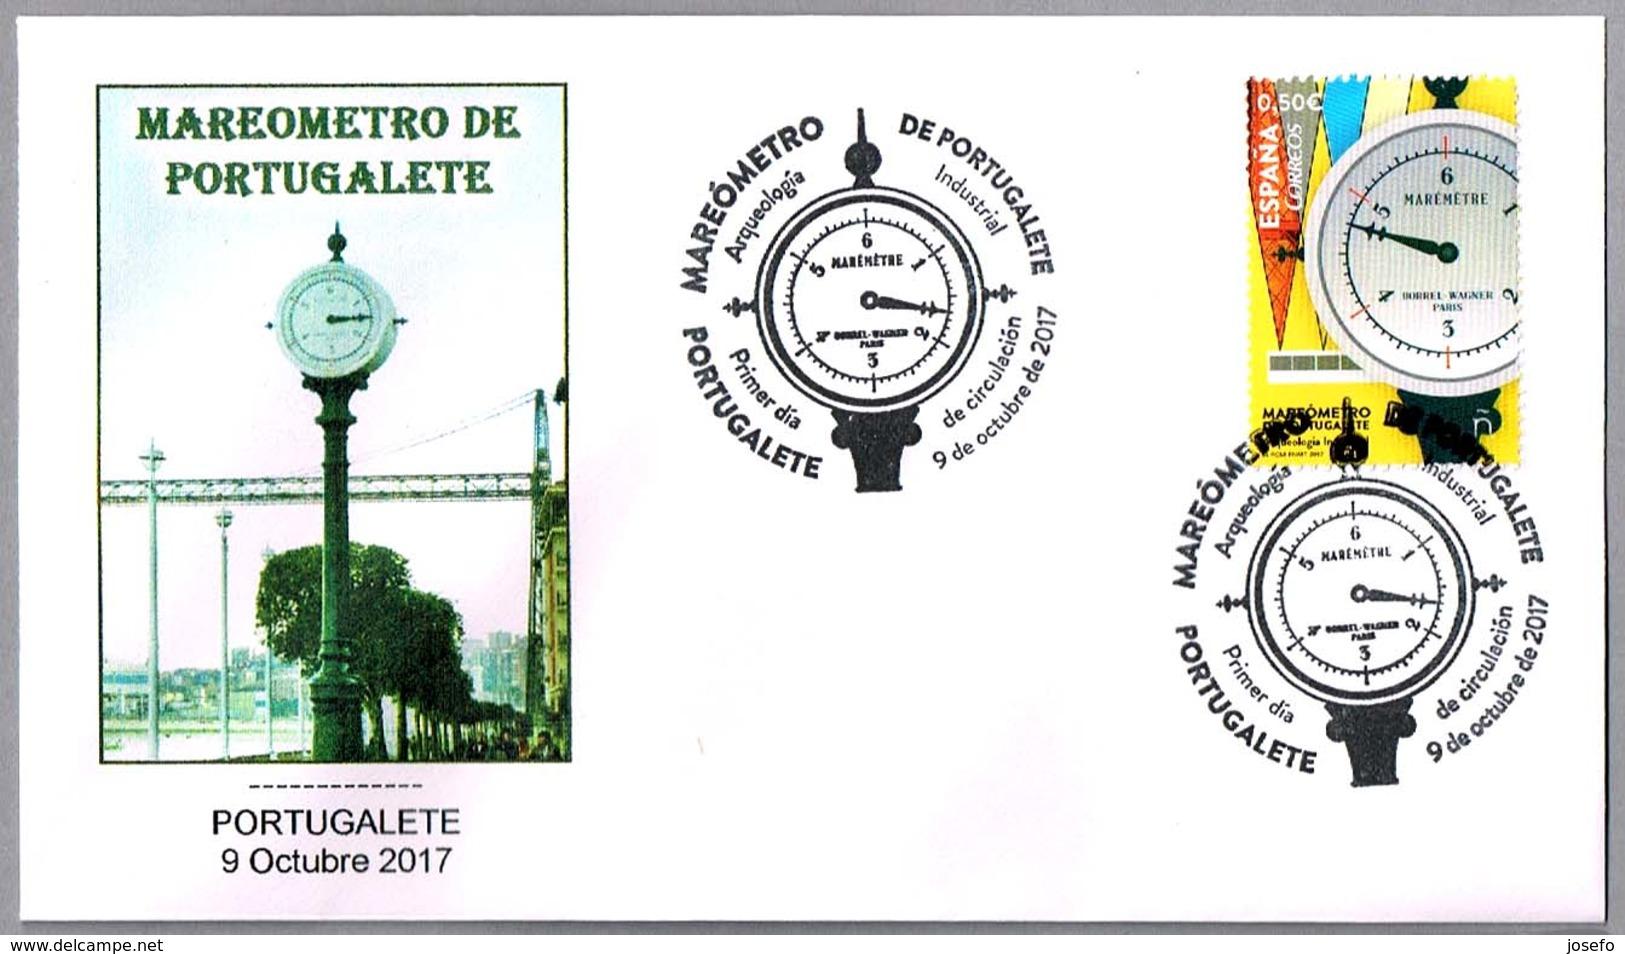 MAREOMETRO DE PORTUGALETE - Mareogragh - Sea Level Recorder - Maregrphe. SPD/FDC Portugalete 2017 - Ciencias